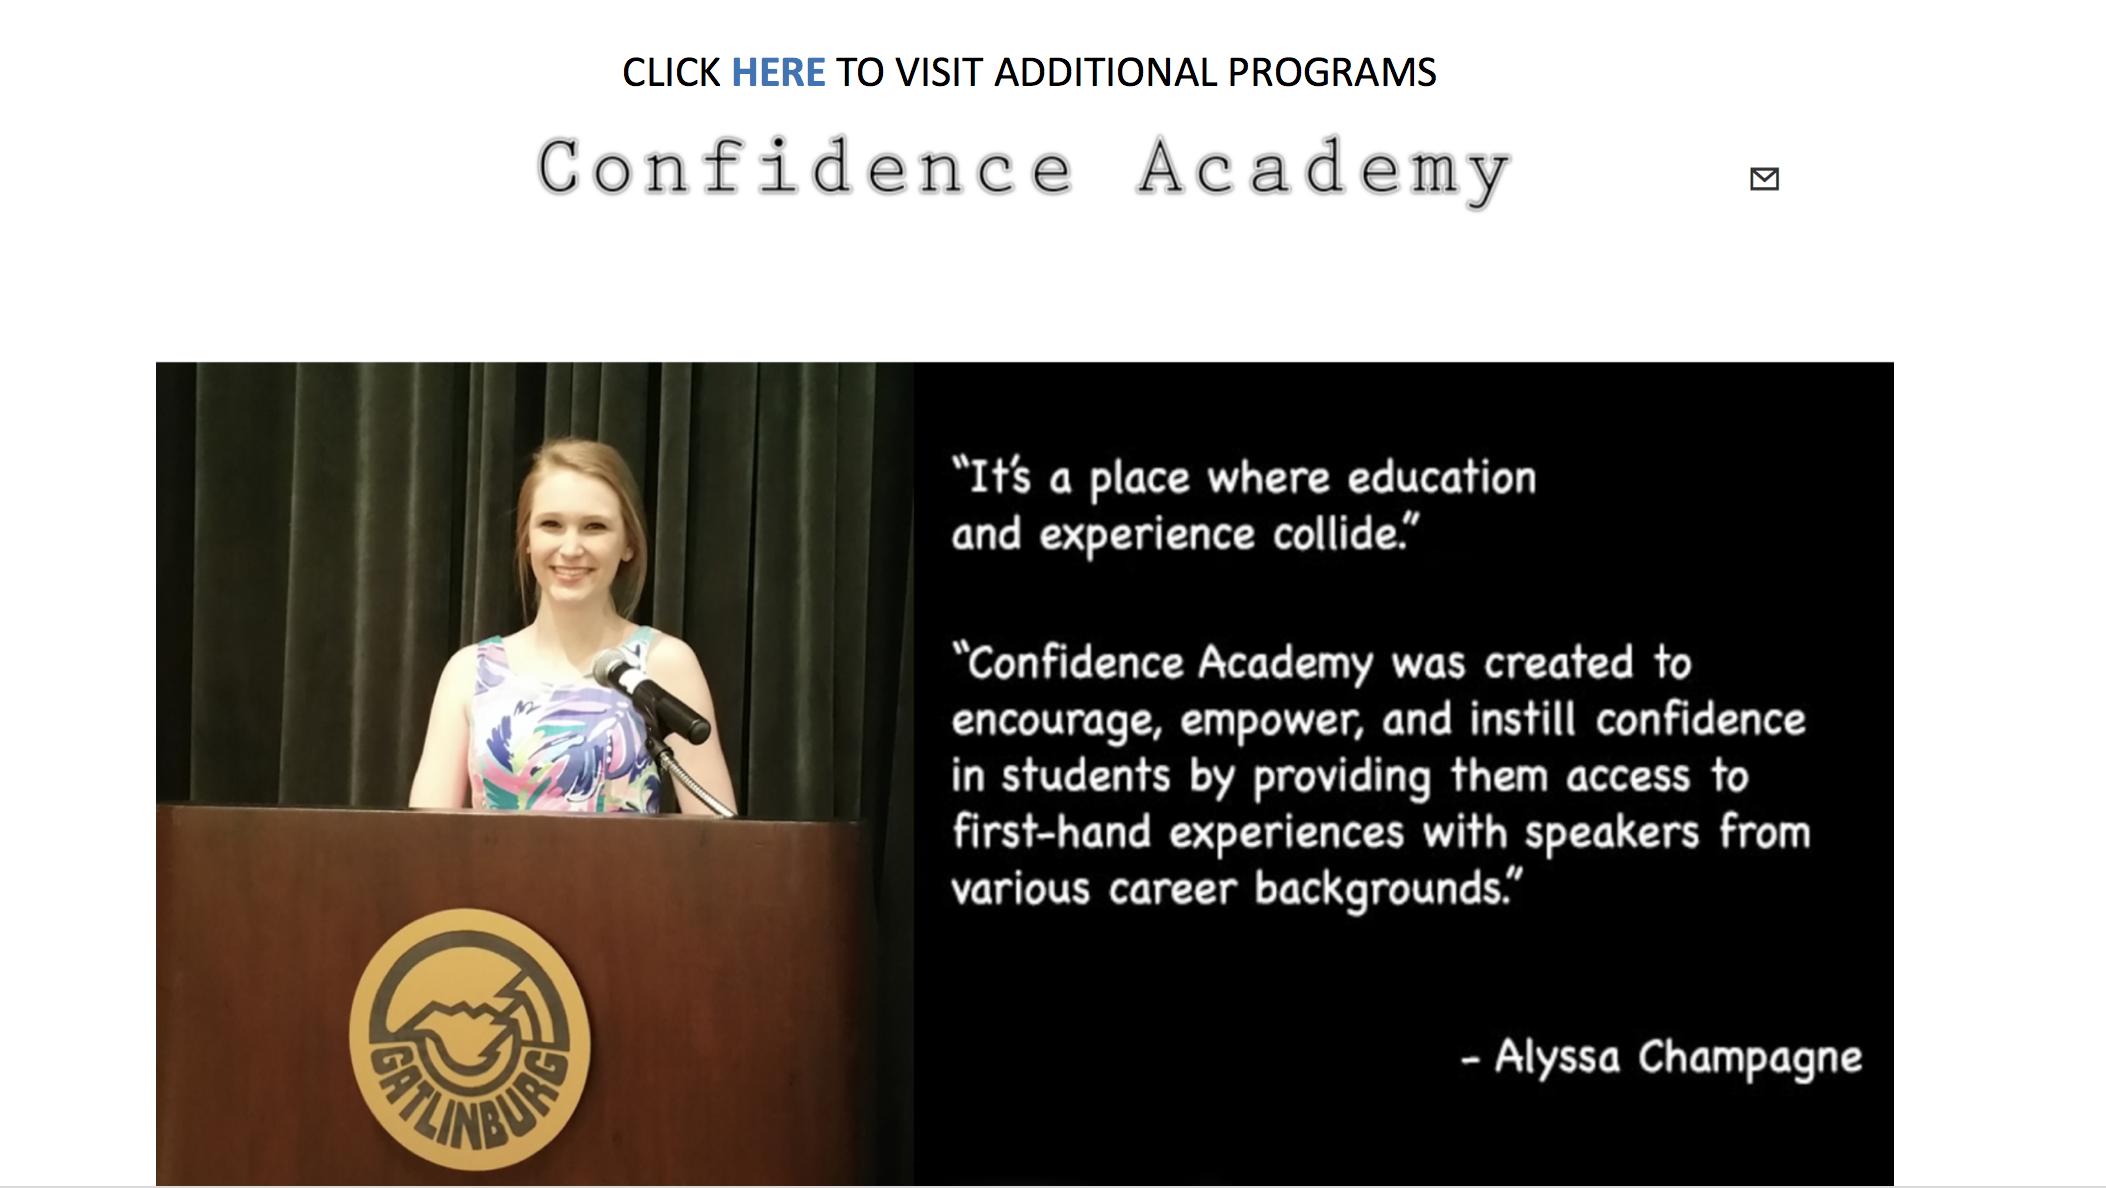 Alyssa Champagne Confidence Academy Gatlinburg Sevierville TN.png